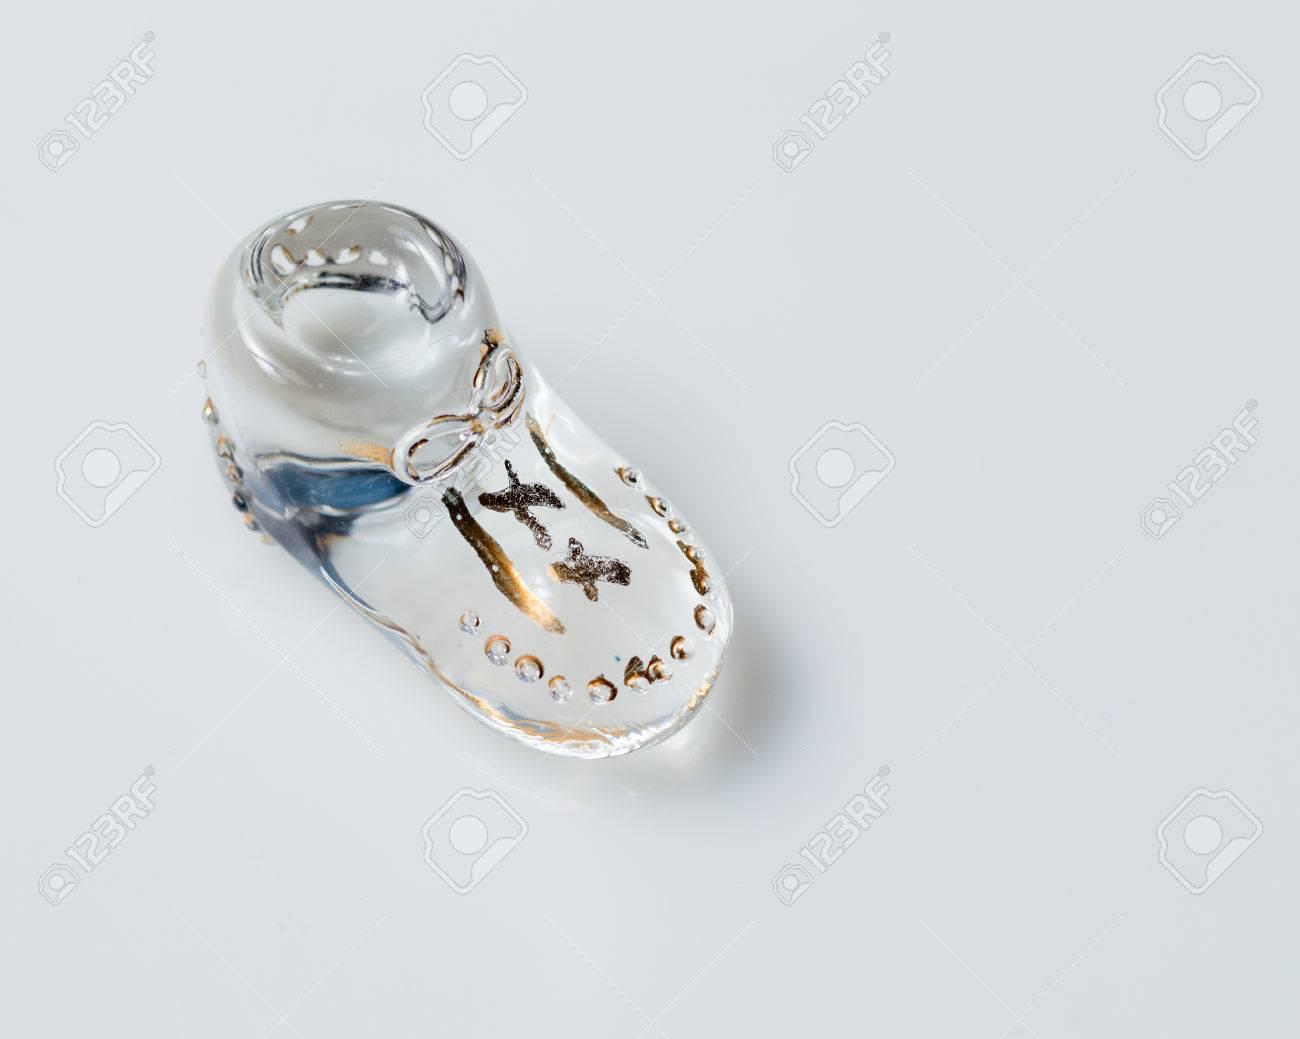 Foto de archivo - Zapatos de bebé de vidrio de época para la niña recién  nacida d6aa46c6f5be